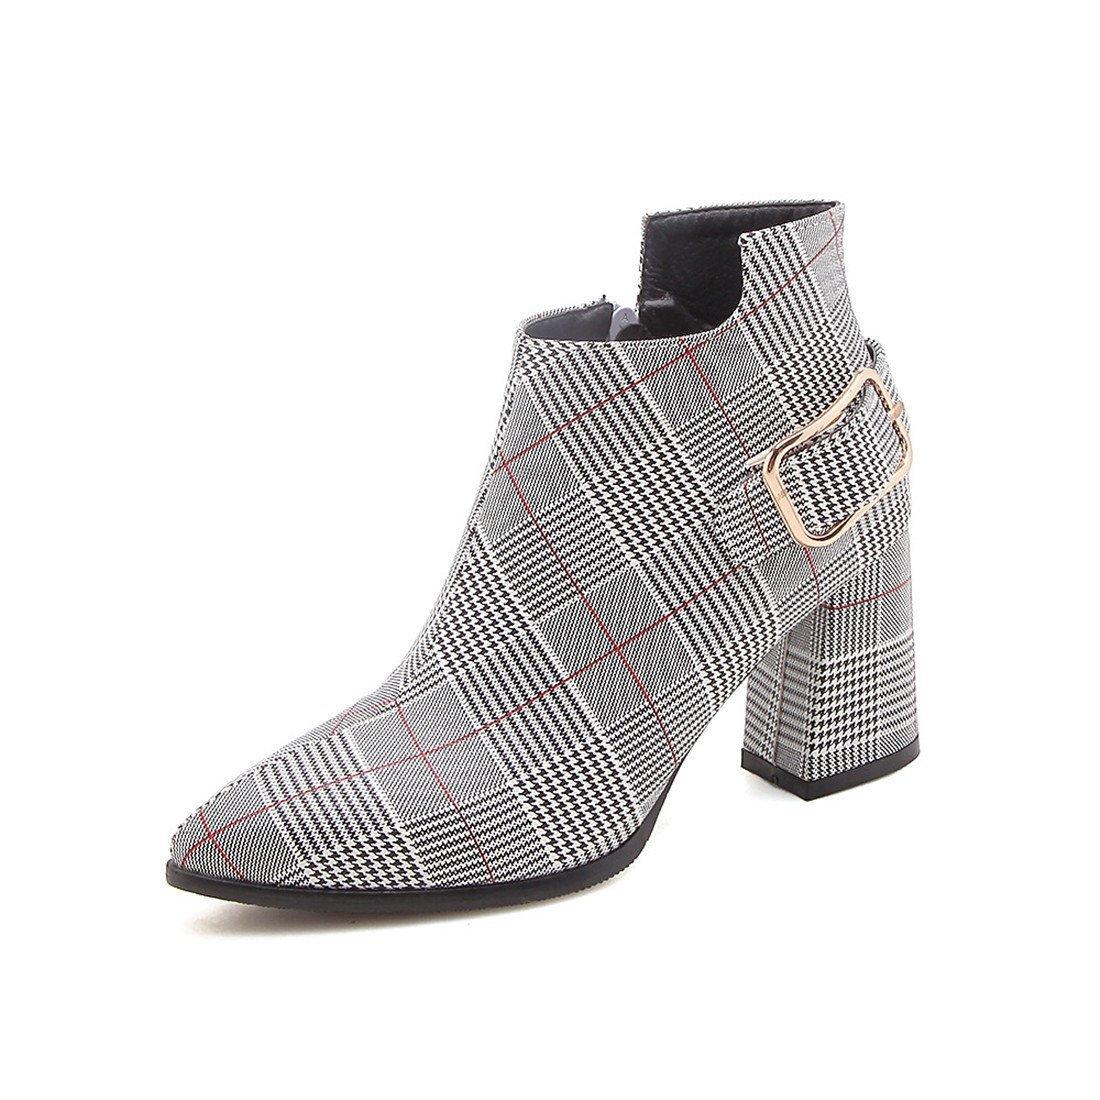 Sandalette-DEDE Mode et Bottes de Bruts, Bottes, Mode, Automne, Hiver, la Mode, Bottes, l'automne et l'hiver, Les Bottes à Talons et Mes Bottes. 37|Red d5d240